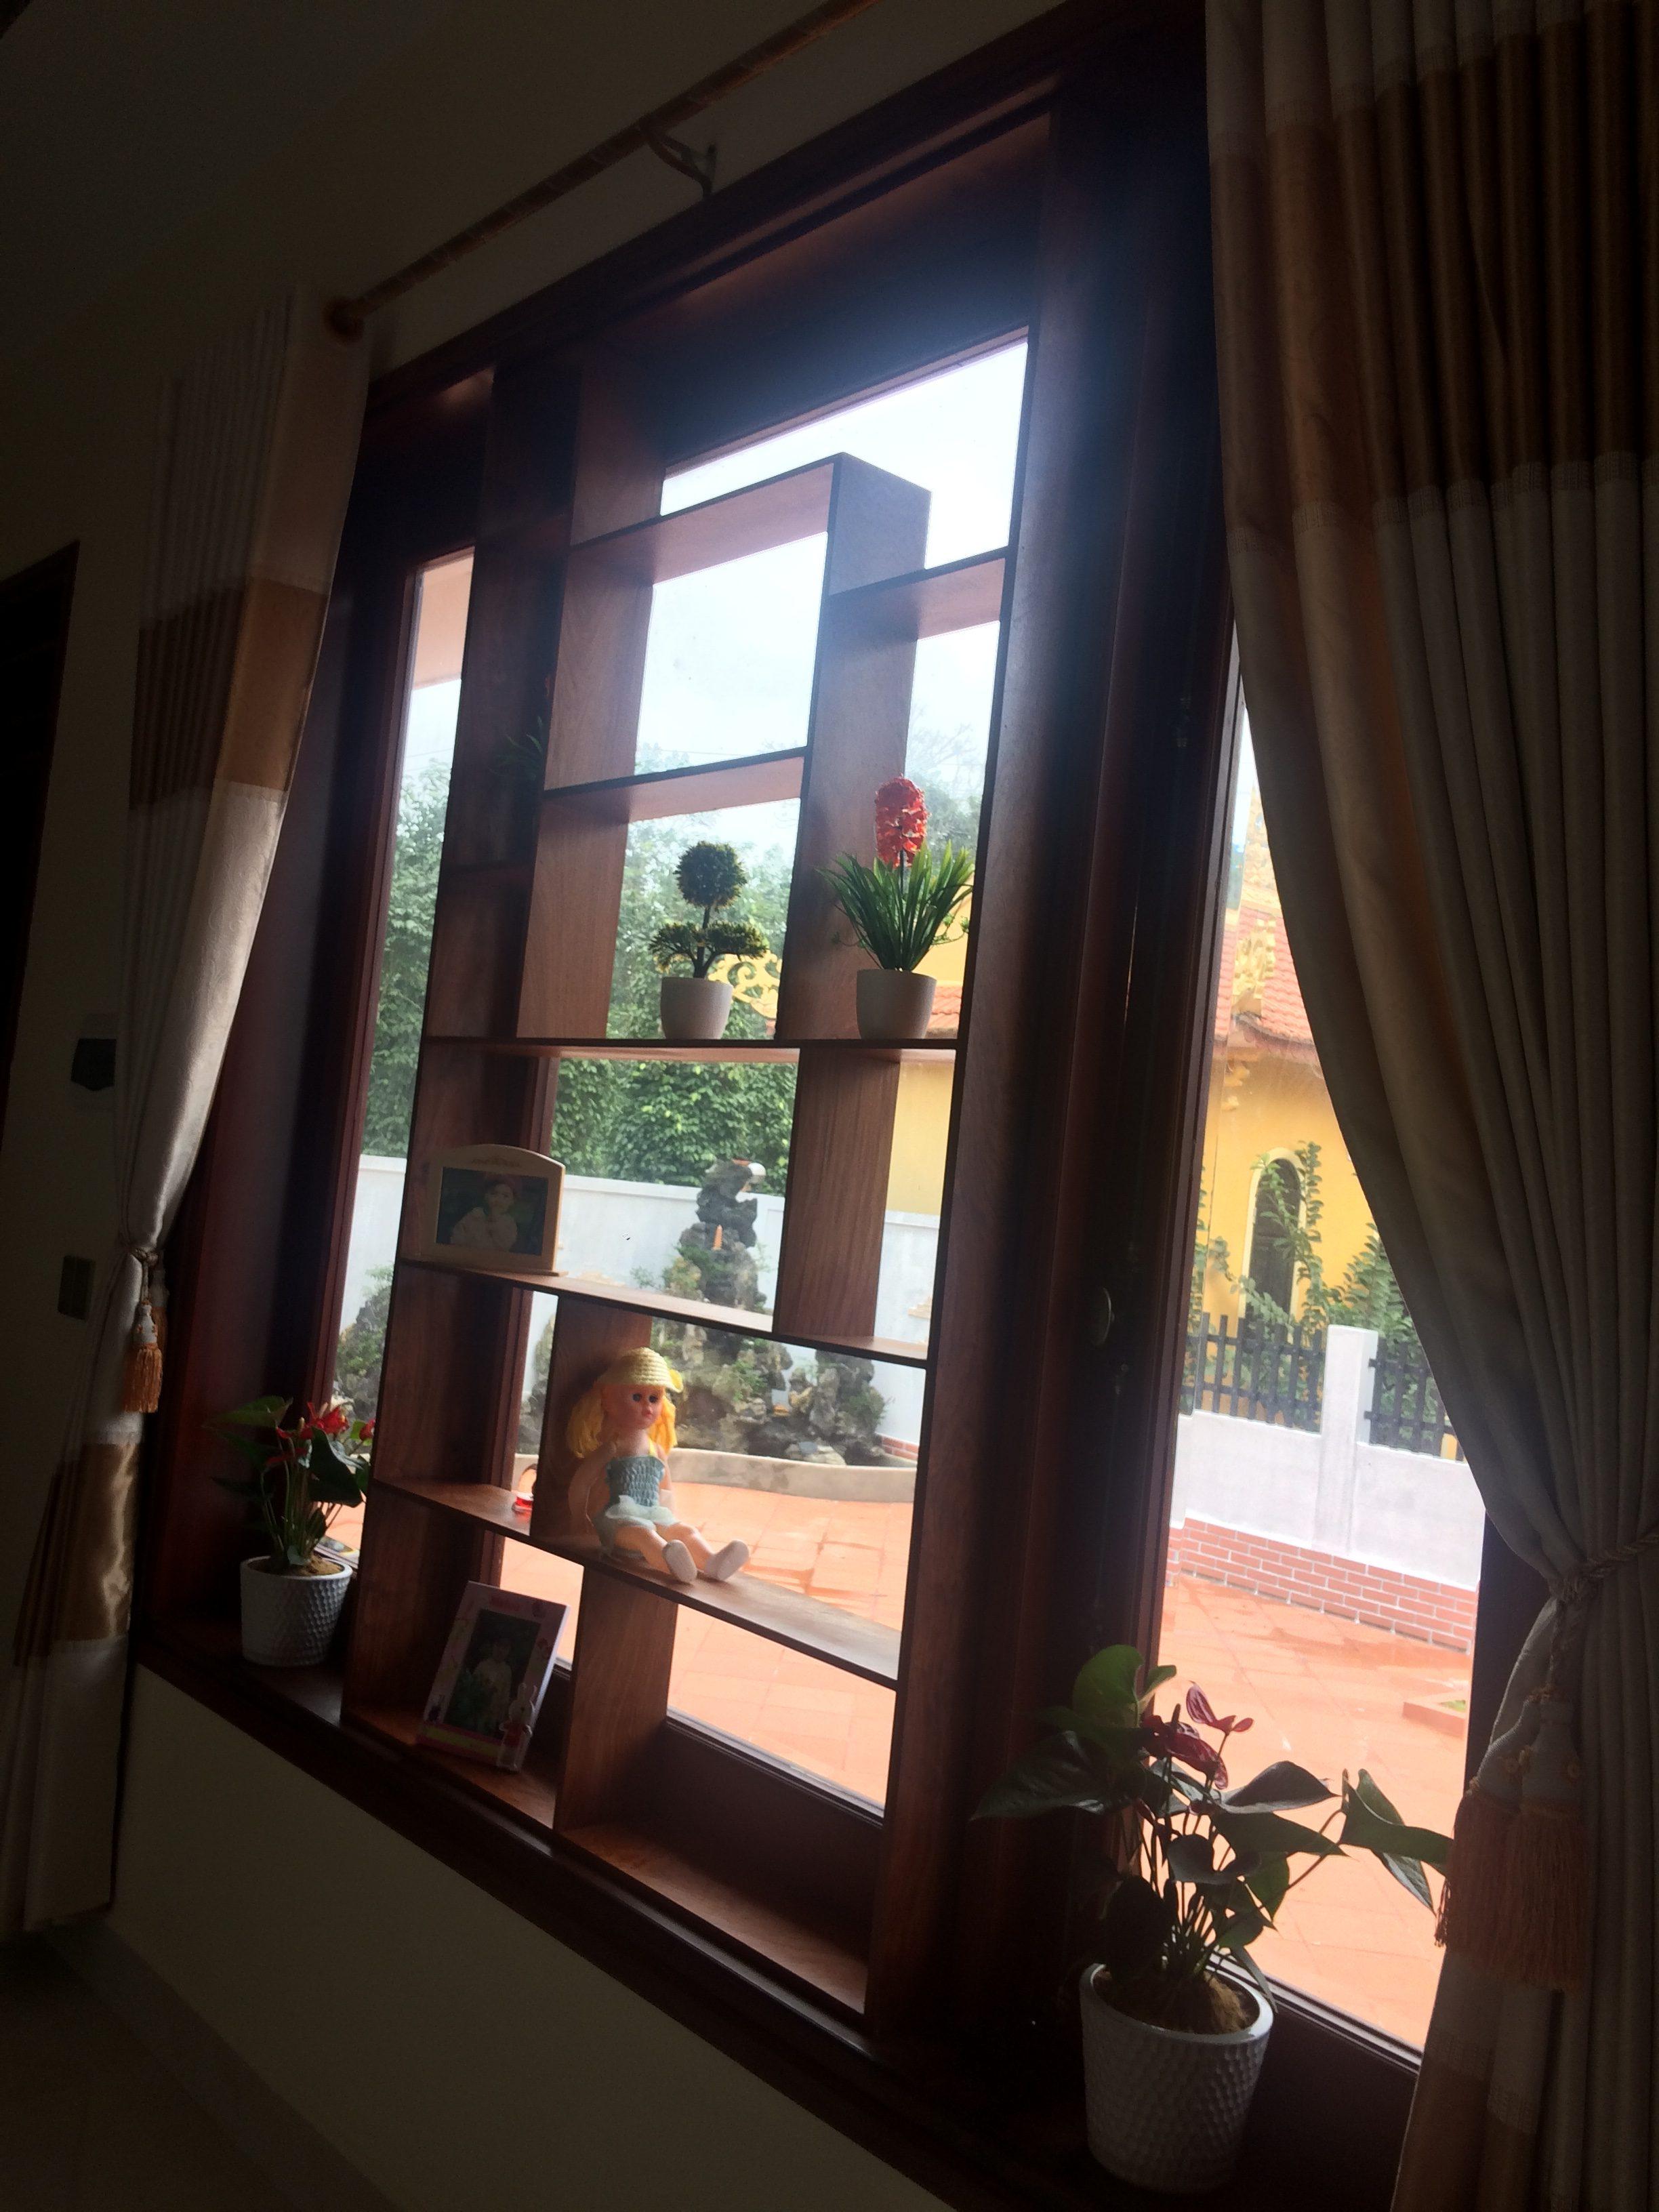 IMG 2358 e1495093794598 - Nhà cấp 4 mái thái 3 gian tuyệt đẹp với 3 phòng ngủ